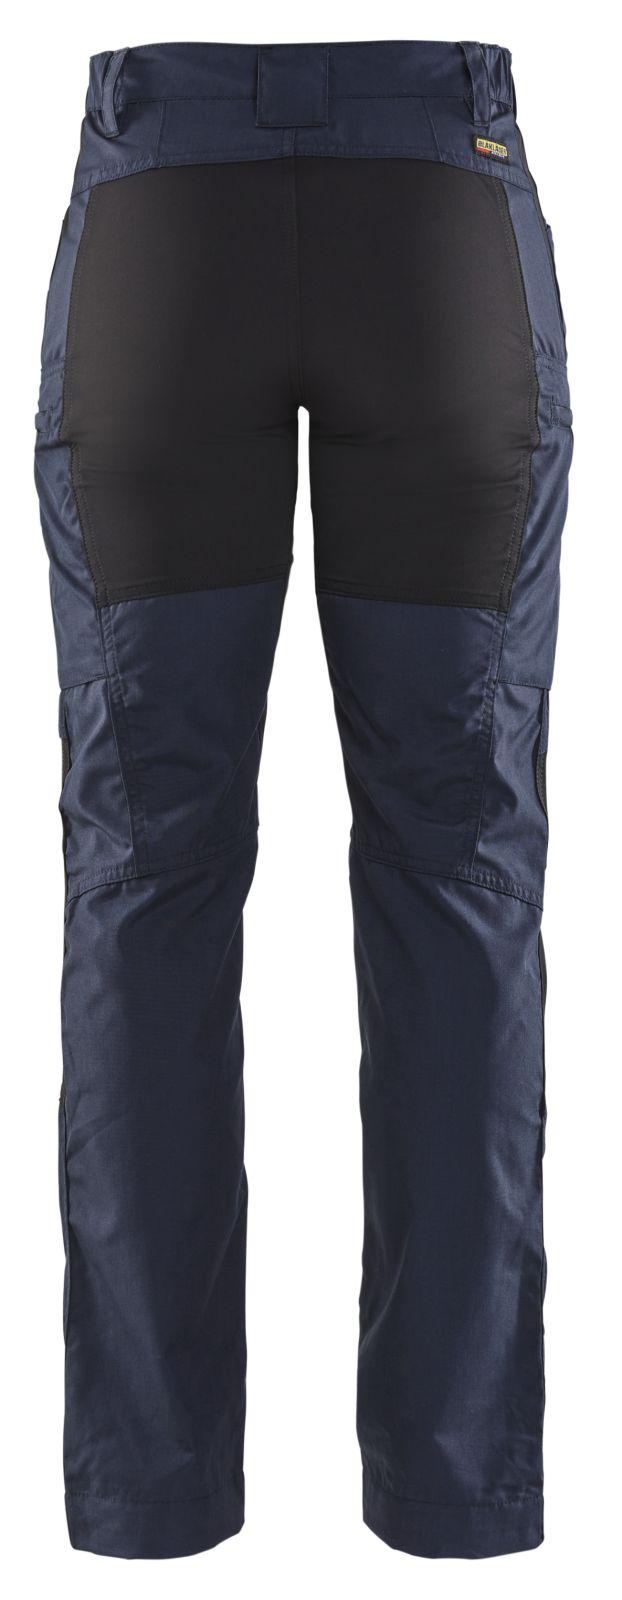 Blaklader Dames werkbroeken 71591845 donker marineblauw-zwart(8699)